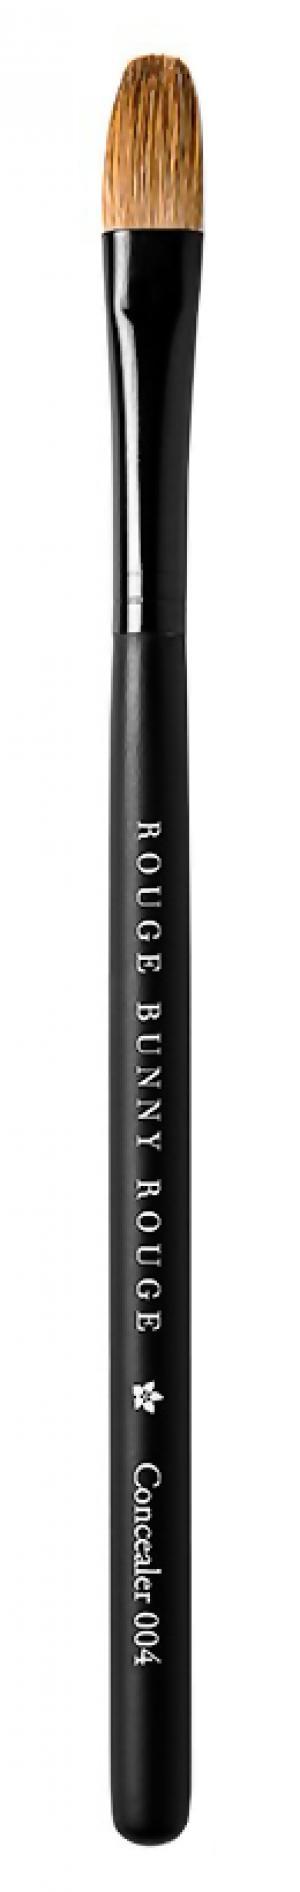 Кисть для лица Rouge Bunny